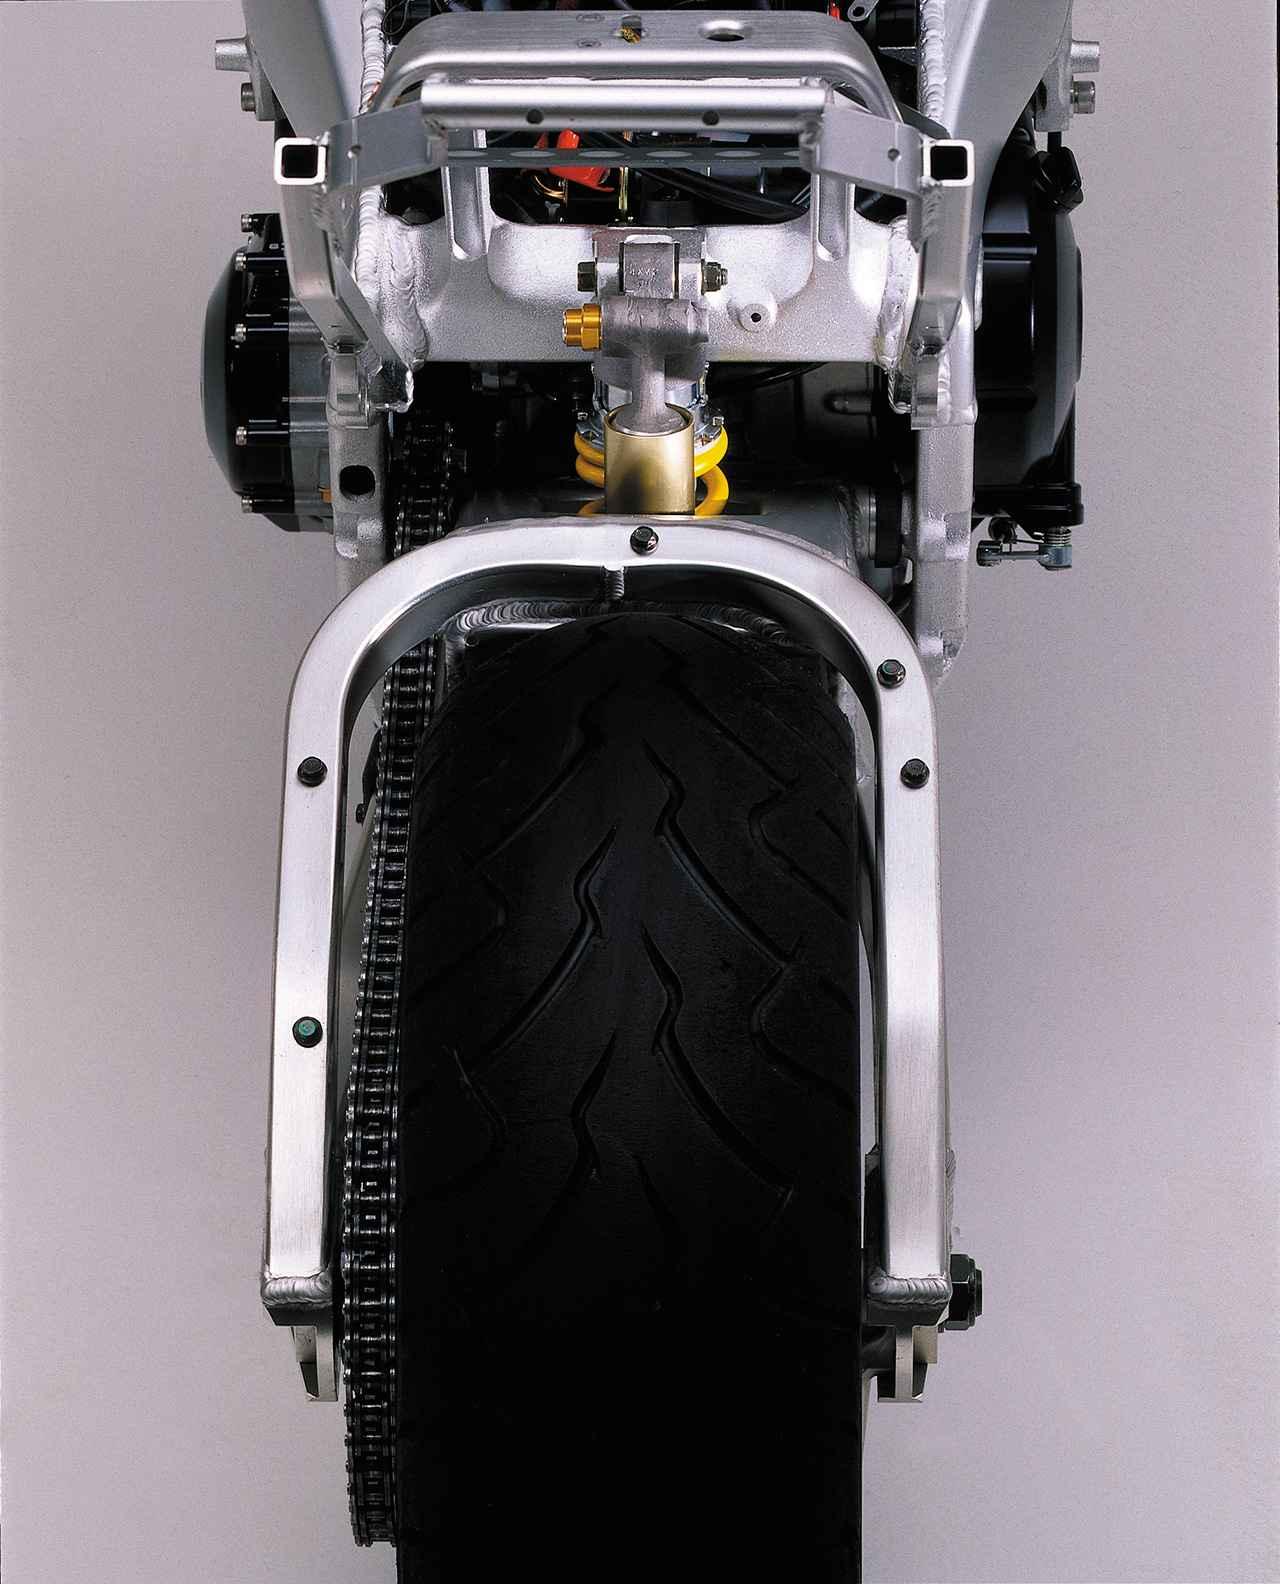 画像: Φ40mmピギーバックタイプのフルアジャスタブル・リアショックは創輝(現ヤマハモーターパワープロダクツ)製。